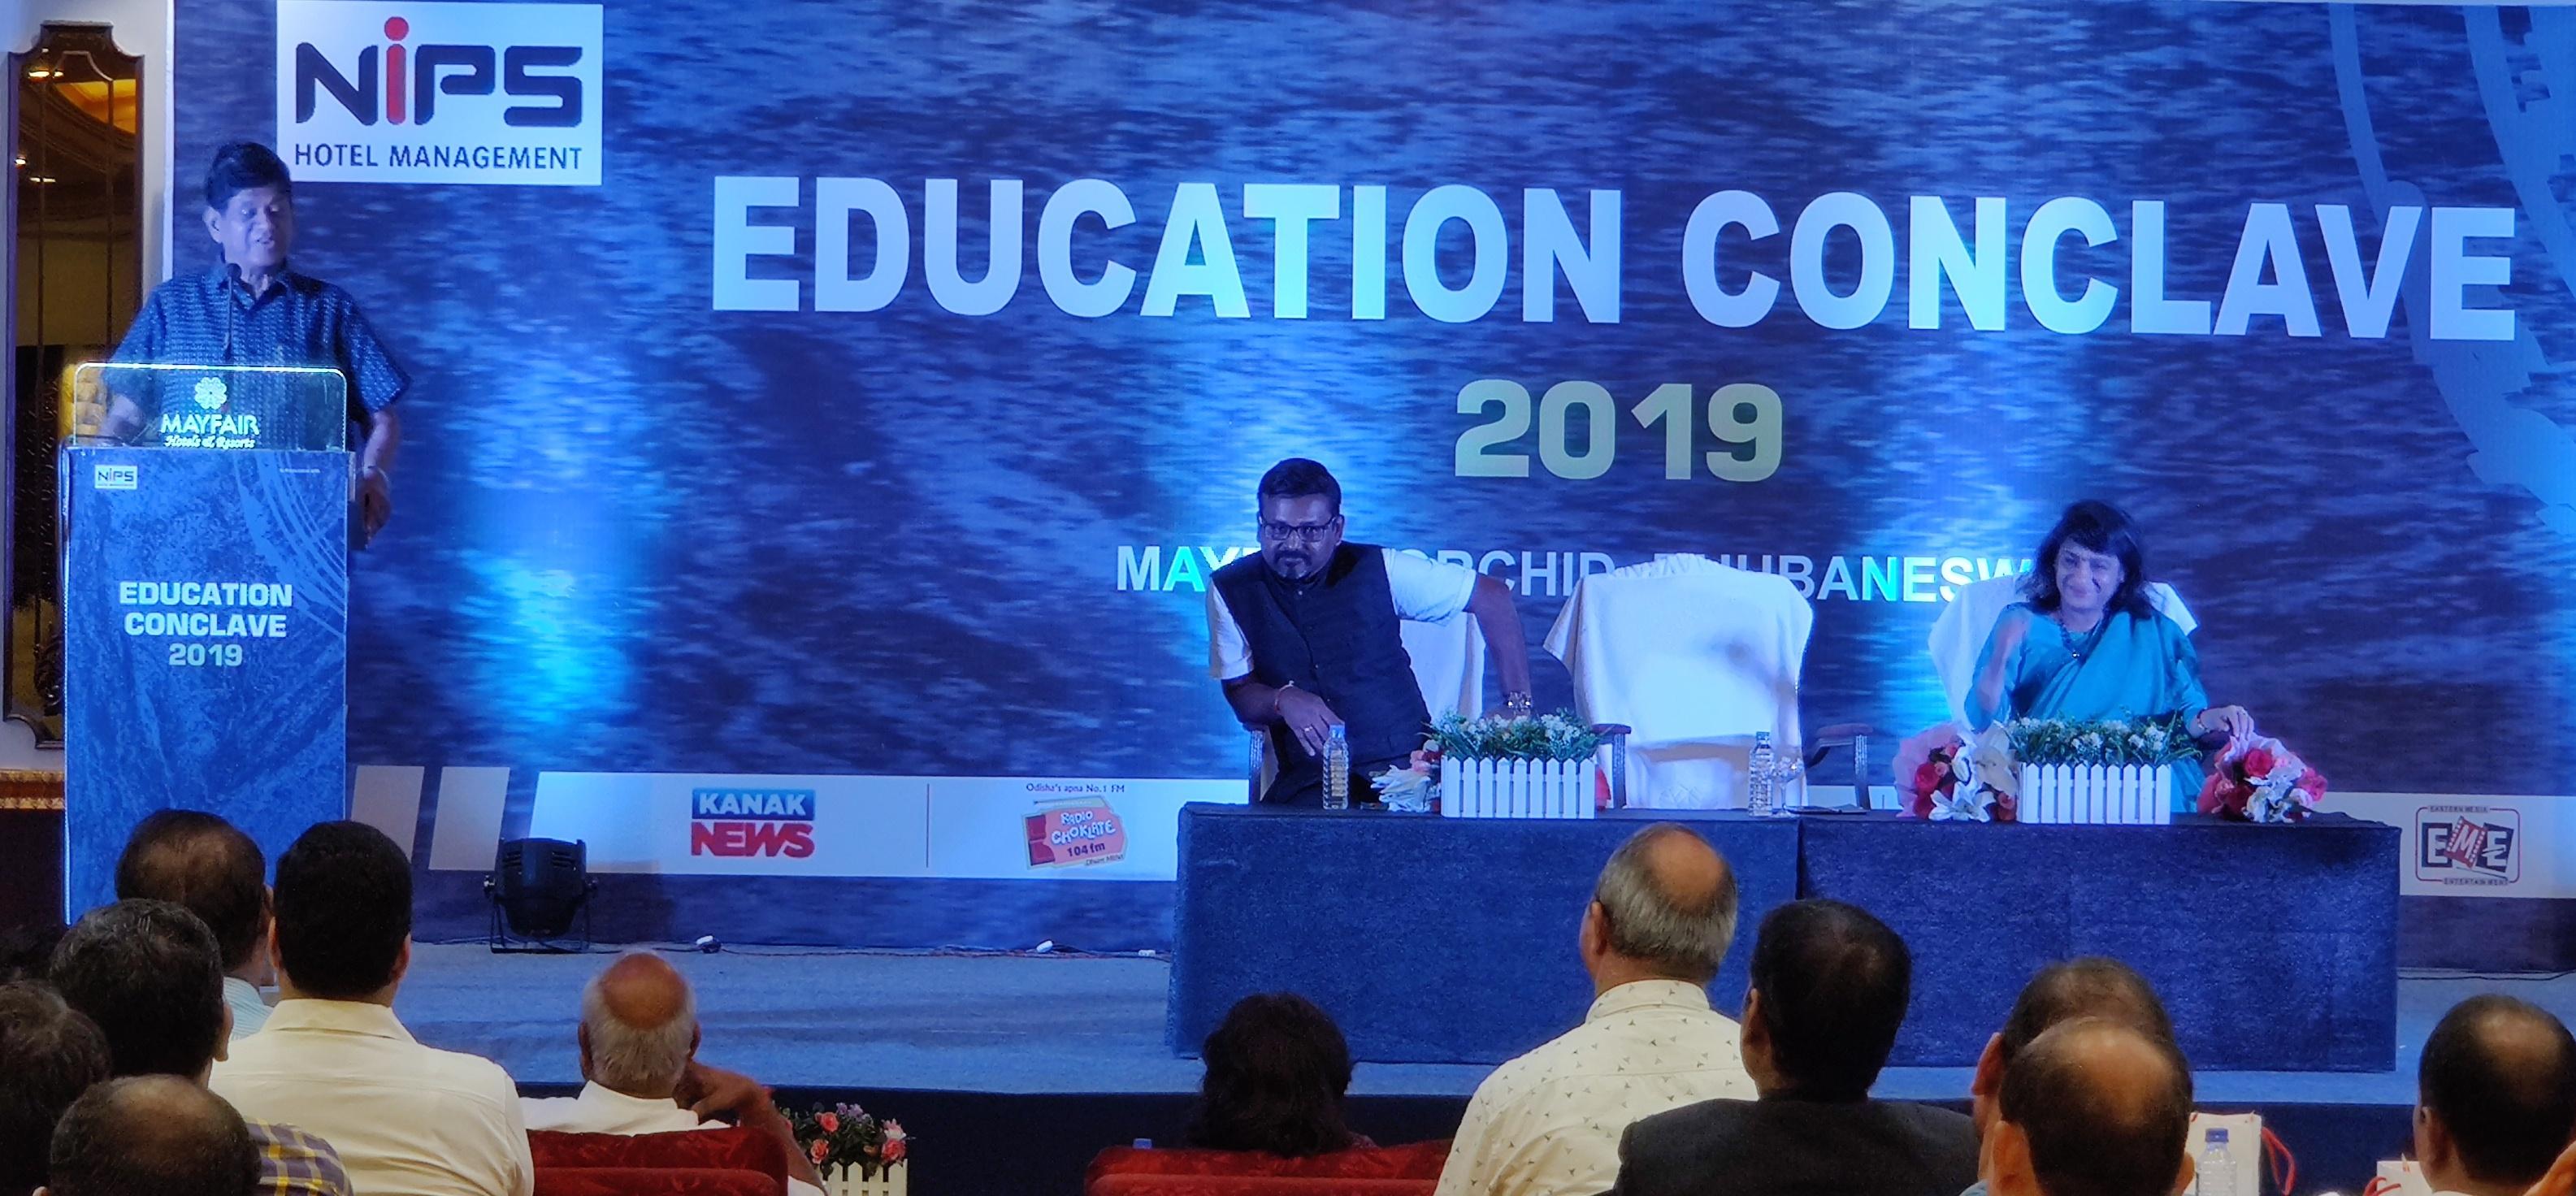 education conclave